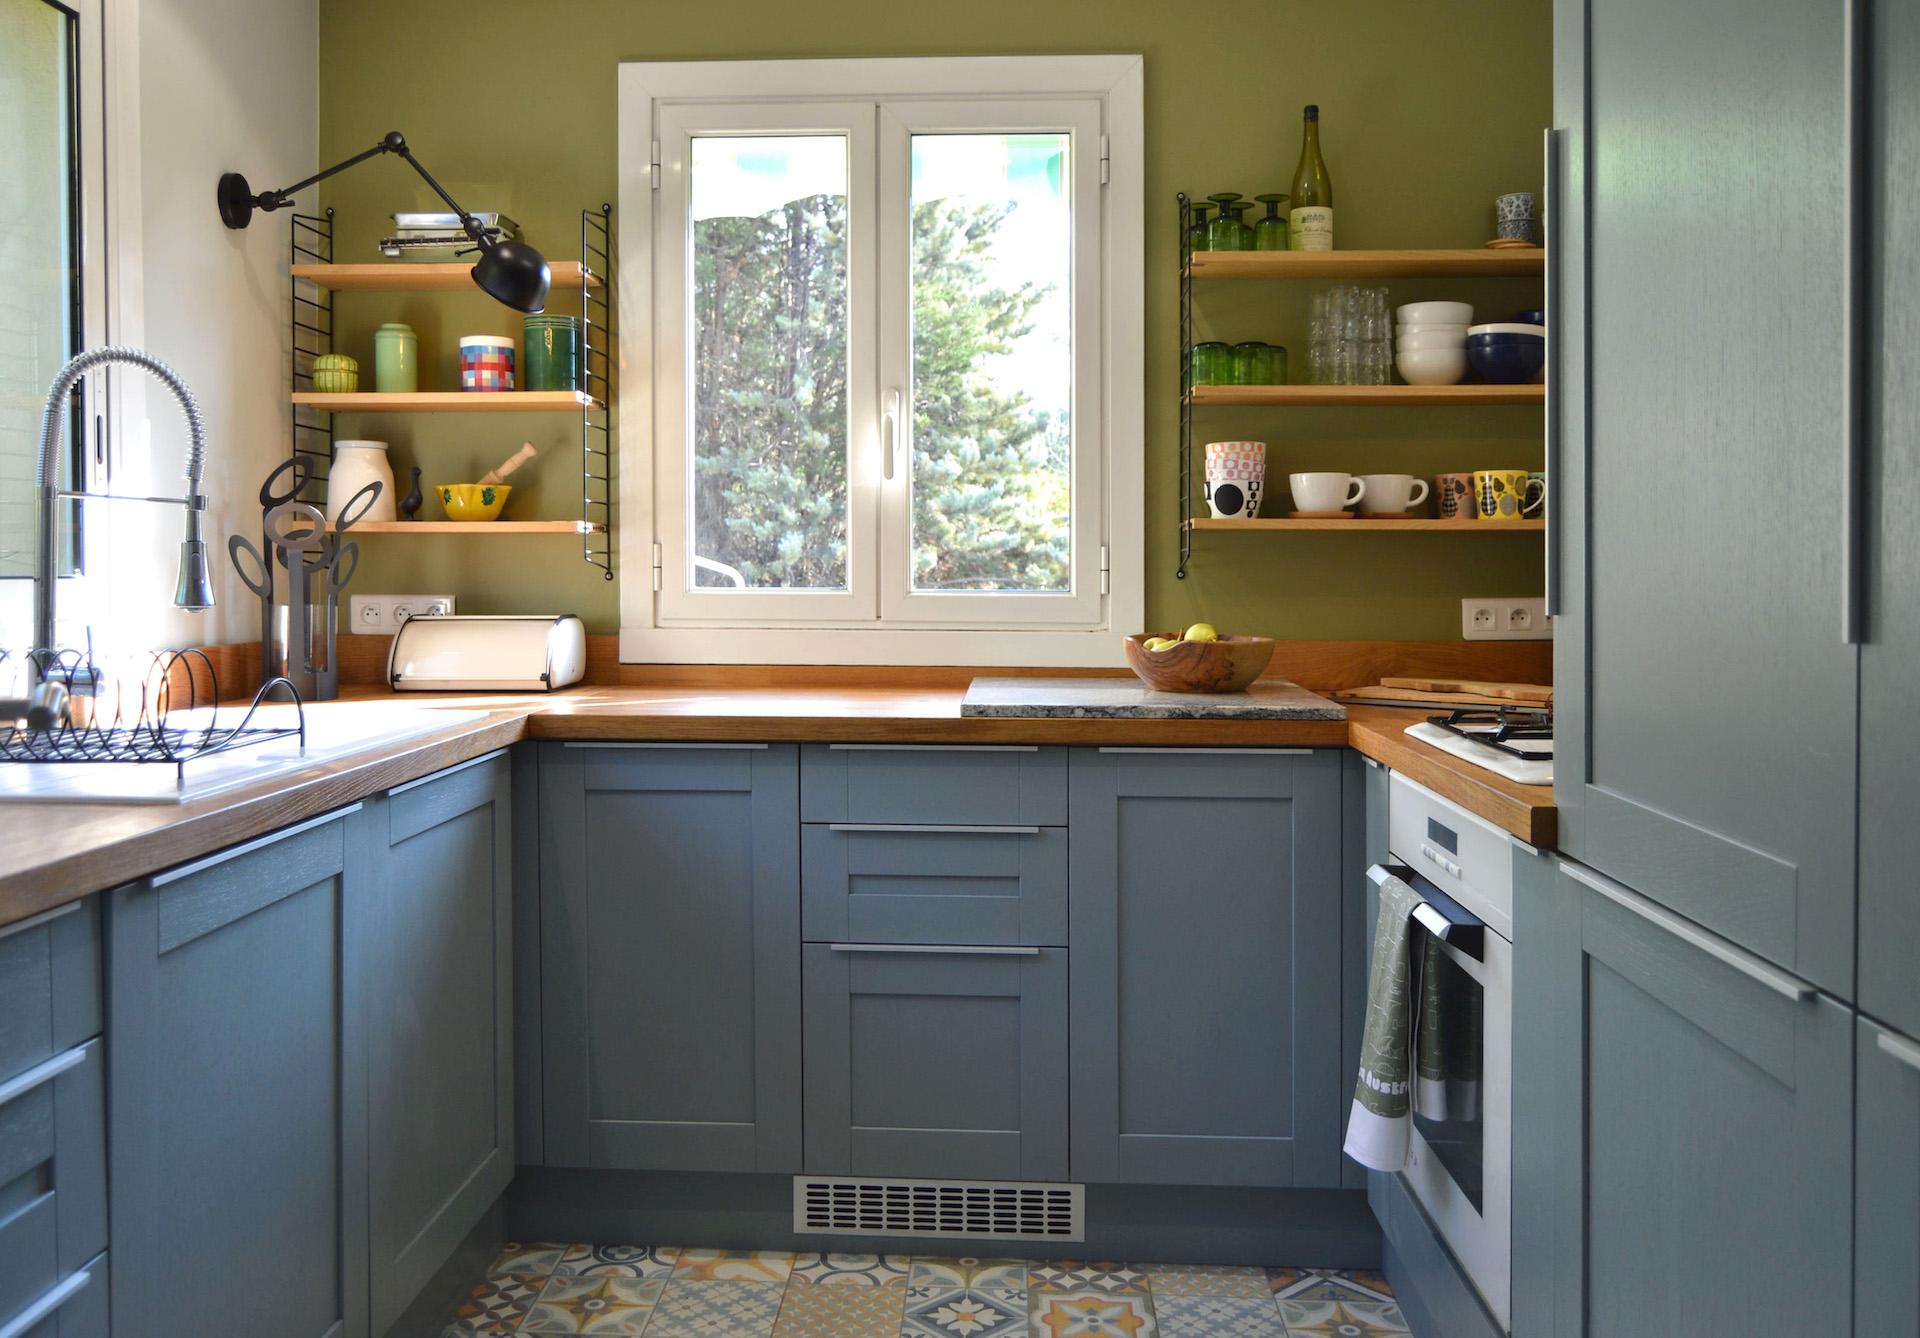 Décoration de Cuisine au Rouret • Maison Modèle, Décoratrice ...